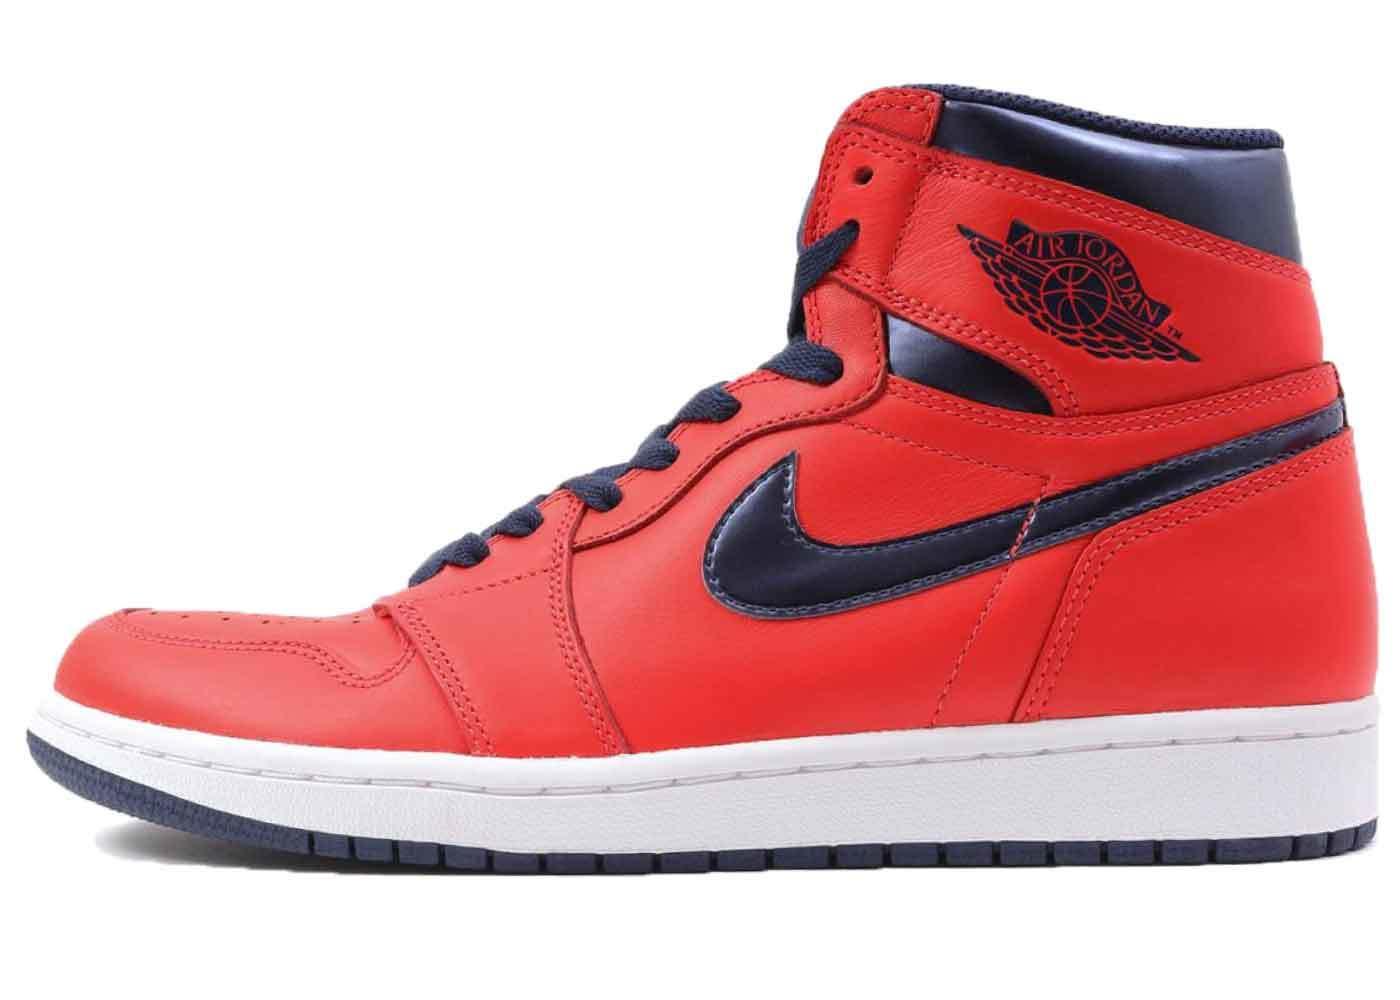 Nike Air Jordan 1 Retro David Lettermanの写真